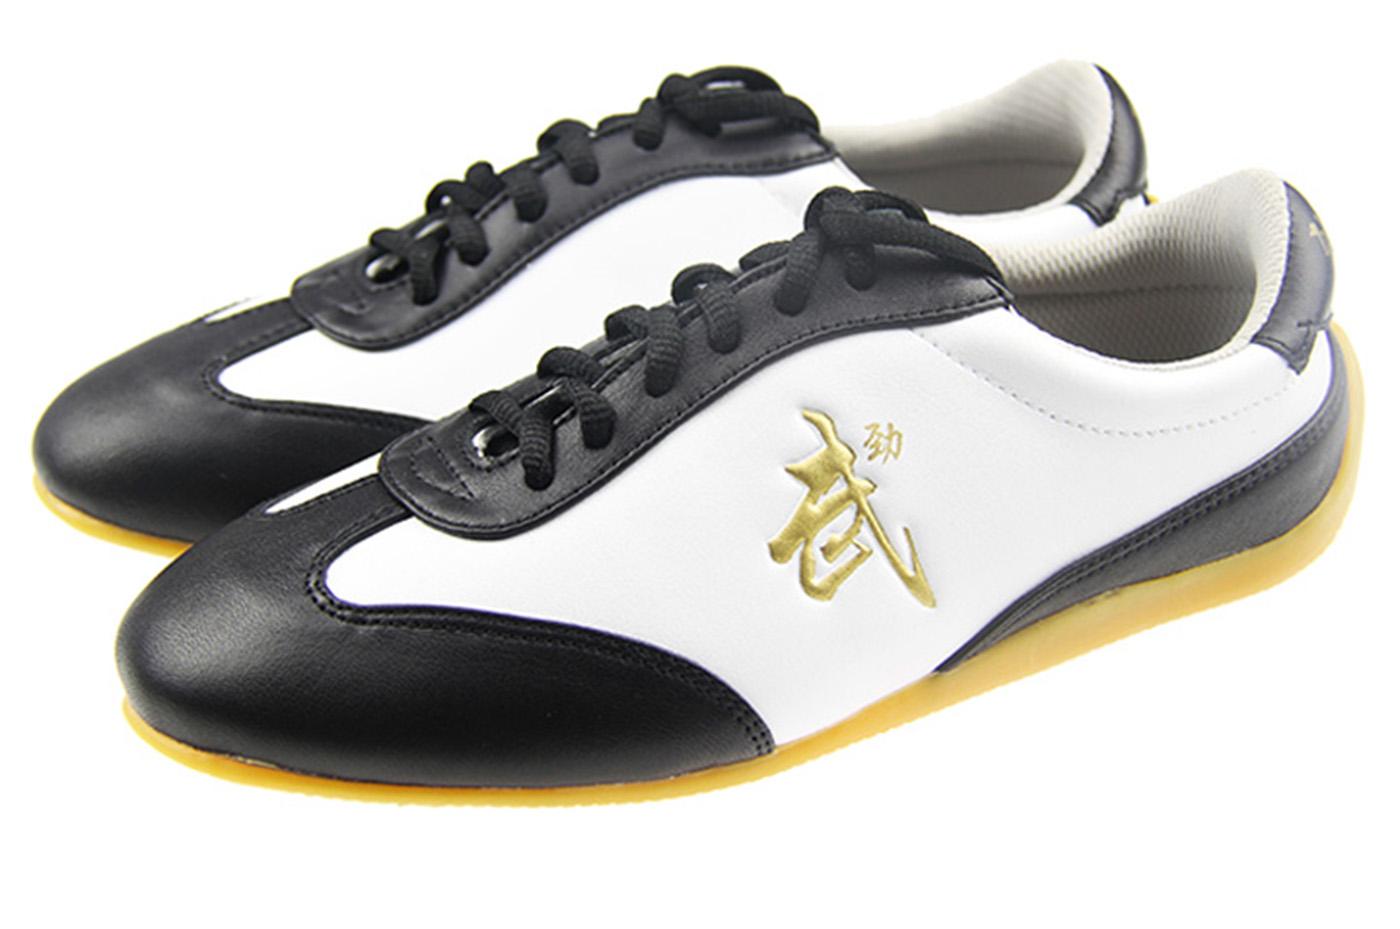 Wushu Shoes Price